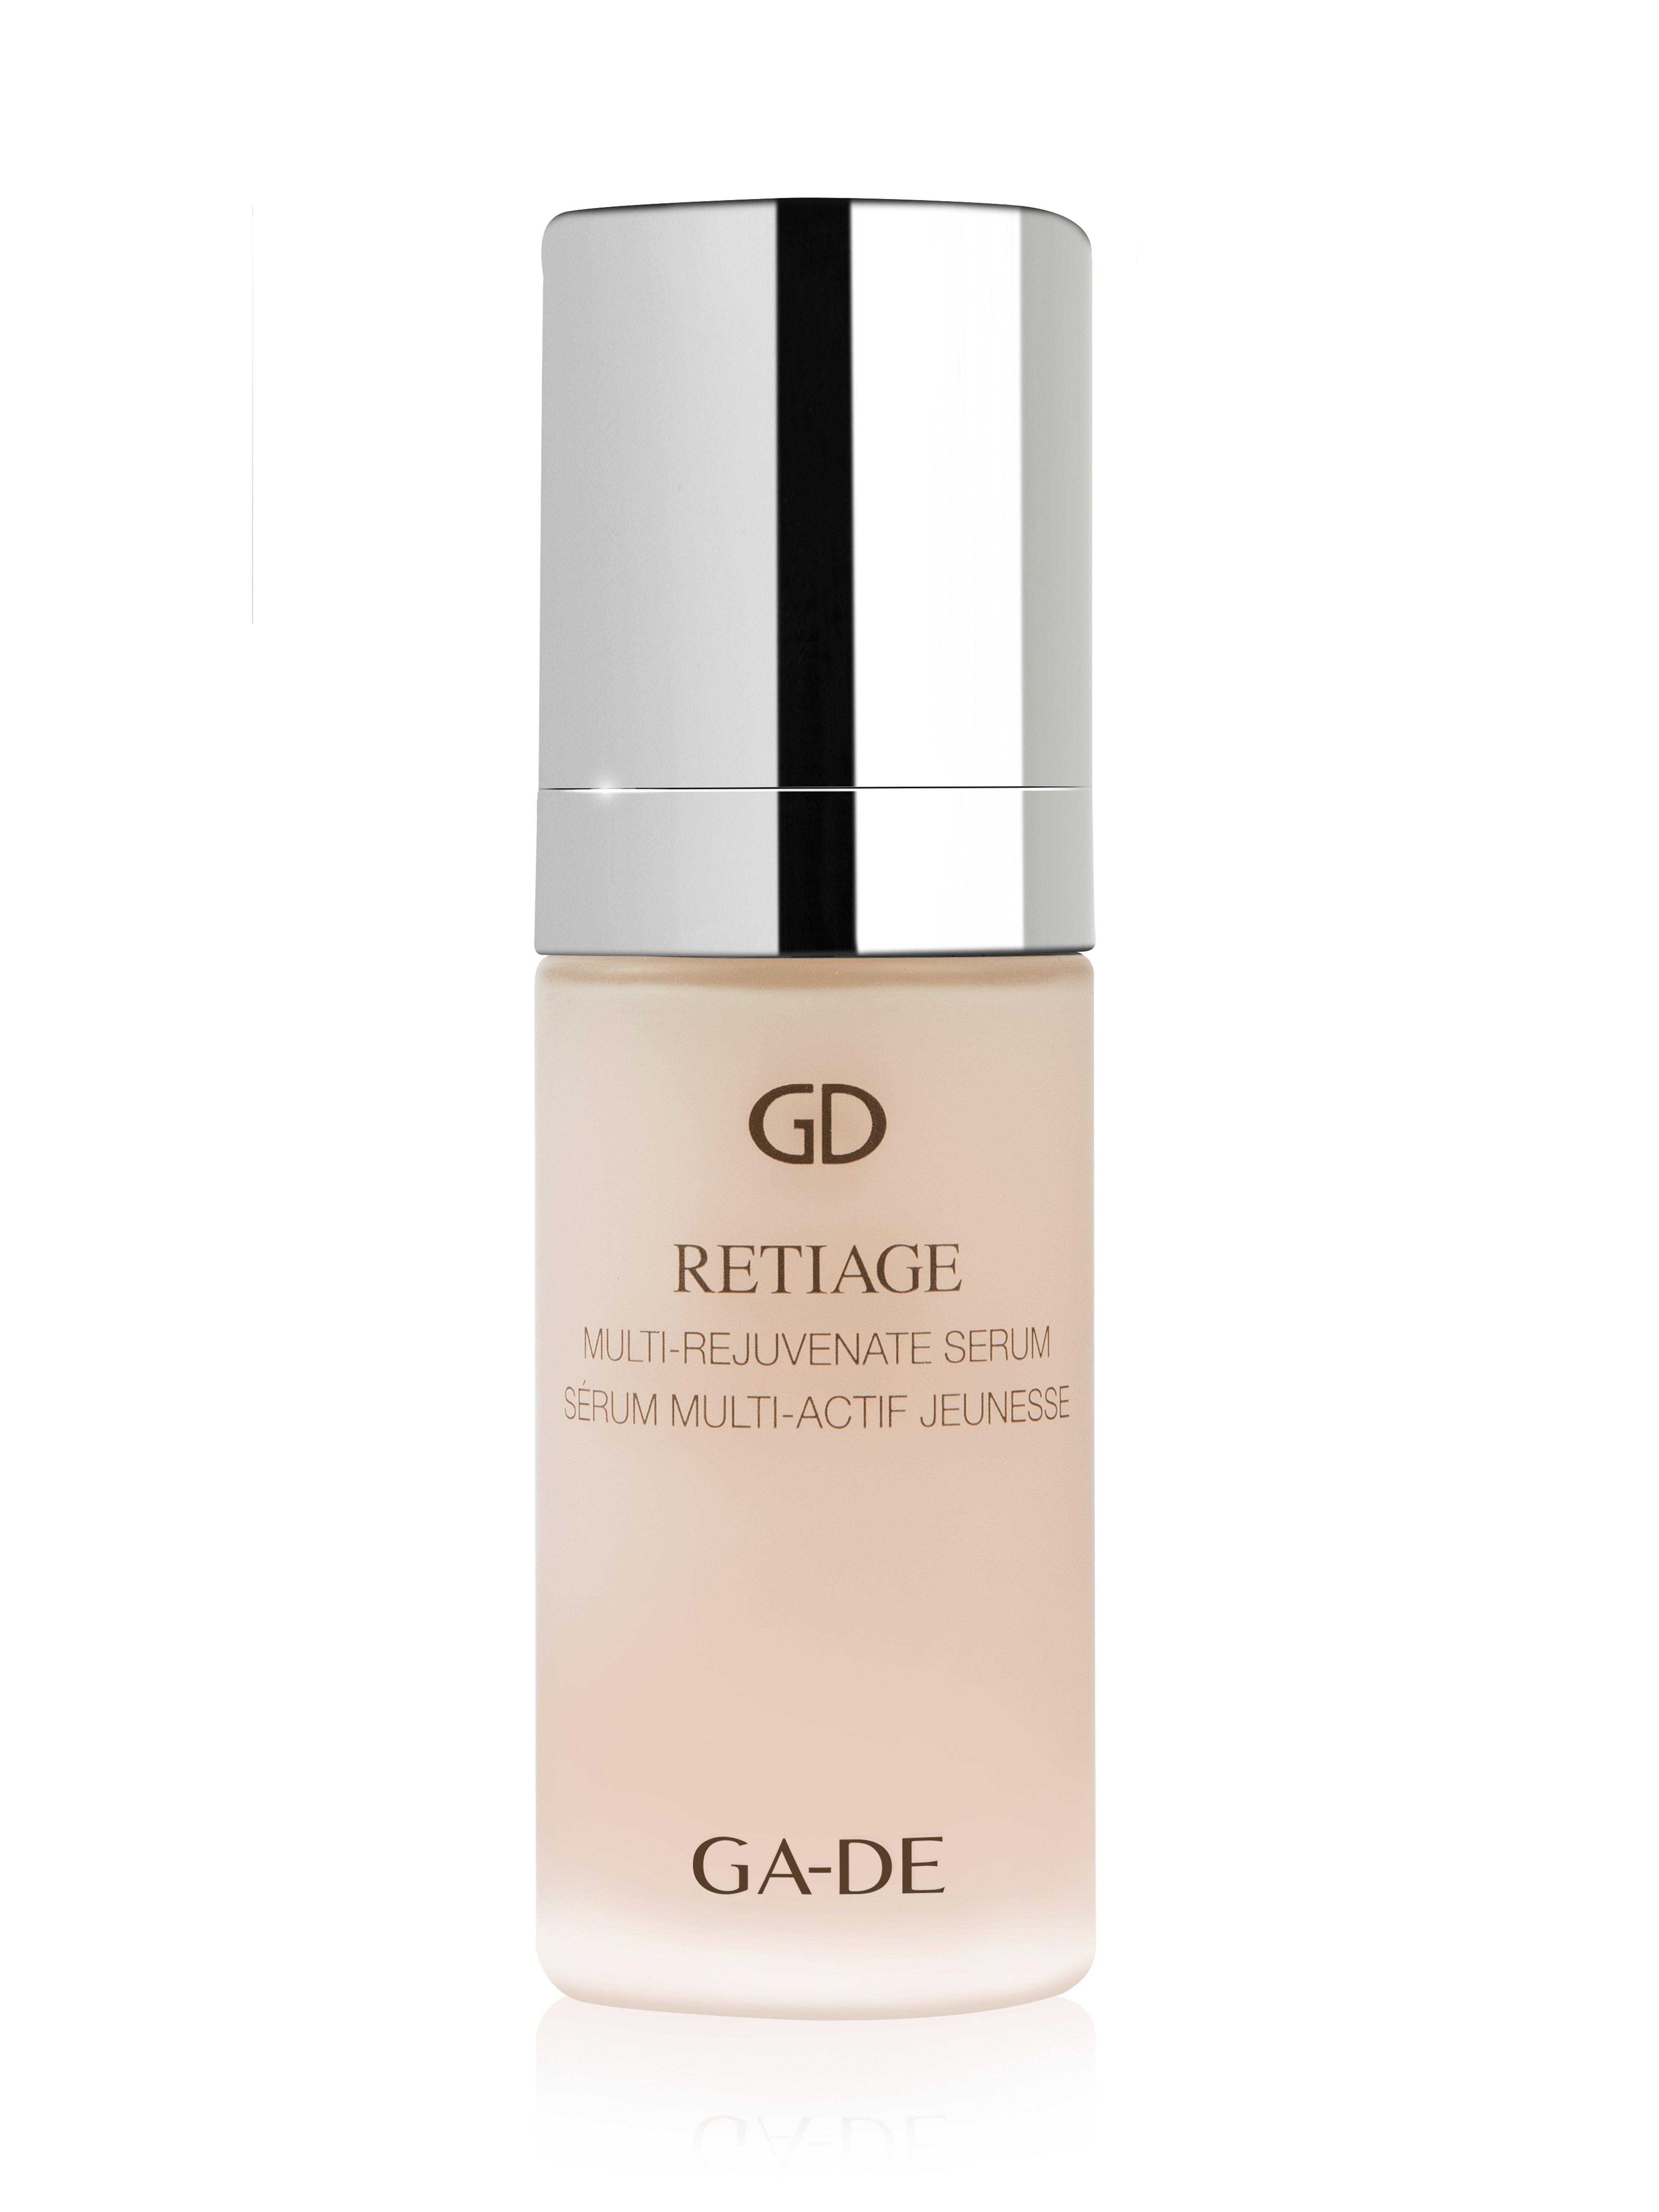 GA-DE Сыворотка для лица / RETIAGE MULTI-REJUVENATE 30млСыворотки<br>Концентрированная сыворотка заключает в формуле эффективную комбинацию: активные растительные клетки, ретинол, гиалуроновую кислоту, витамин Е и восстанавливающие ингредиенты, которые помогают бороться с целым рядом внешних признаков старения кожи, ускоряют действие крема RETIAGE, помогают сохранить молодость кожи. Состав: AQUA (WATER), GLYCERIN, DIPENTAERYTHRITYL HEXACAPRYLATE/HEXACAPRATE, COCO-CAPRYLATE/CAPRATE, DIPROPYLENE GLYCOL, OLUS OIL (VEGETABLE OIL), GLYCERYL STEARATE, PEG-100 STEARATE, PEG-8, GALACTOARABINAN, PENTAERYTHRITYL TETRAETHYLHEXANOATE, SQUALANE, DICAPRYLYL ETHER, COCOS NUCIFERA (COCONUT) OIL, PHENOXYETHANOL, BEHENYL ALCOHOL, GLYCERYL STEARATE SE, CARBOMER, ETHYLHEXYLGLYCERIN, CHLORPHENESIN, PARFUM (FRAGRANCE), SODIUM HYDROXIDE, TOCOPHERYL ACETATE, DISODIUM EDTA, CHONDRUS CRISPUS POWDER (CARRAGEENAN), SODIUM HYALURONATE, PROPYLENE GLYCOL, HYDROXYPROPYL CYCLODEXTRIN, CAPRYLIC/CAPRIC TRIGLYCERIDE, PSILANTHUS BENGALENSIS LEAF CELL CULTURE EXTRACT, TOCOPHEROL, RETINOL, OPUNTIA FICUS-INDICA STEM EXTRACT, ASCORBYL PALMITATE, BORAGO OFFICINALIS SEED OIL, CYCNOCHES COOPERI (ORCHID) EXTRACT, ASCORBIC ACID, CITRIC ACID, LECITHIN, OPUNTIA FICUS-INDICA LEAF CELL EXTRACT, RETINYL PALMITATE, RUBUS IDAEUS LEAF CELL CULTURE, ASCORBYL TETRAISOPALMITATE, LIMONENE, LINALOOL. Способ применения: наносить утром и/или вечером на тщательно очищенную кожу лица и шеи.<br><br>Пол: Женский<br>Класс косметики: Домашняя<br>Типы кожи: Для всех типов<br>Время применения: Ежедневный